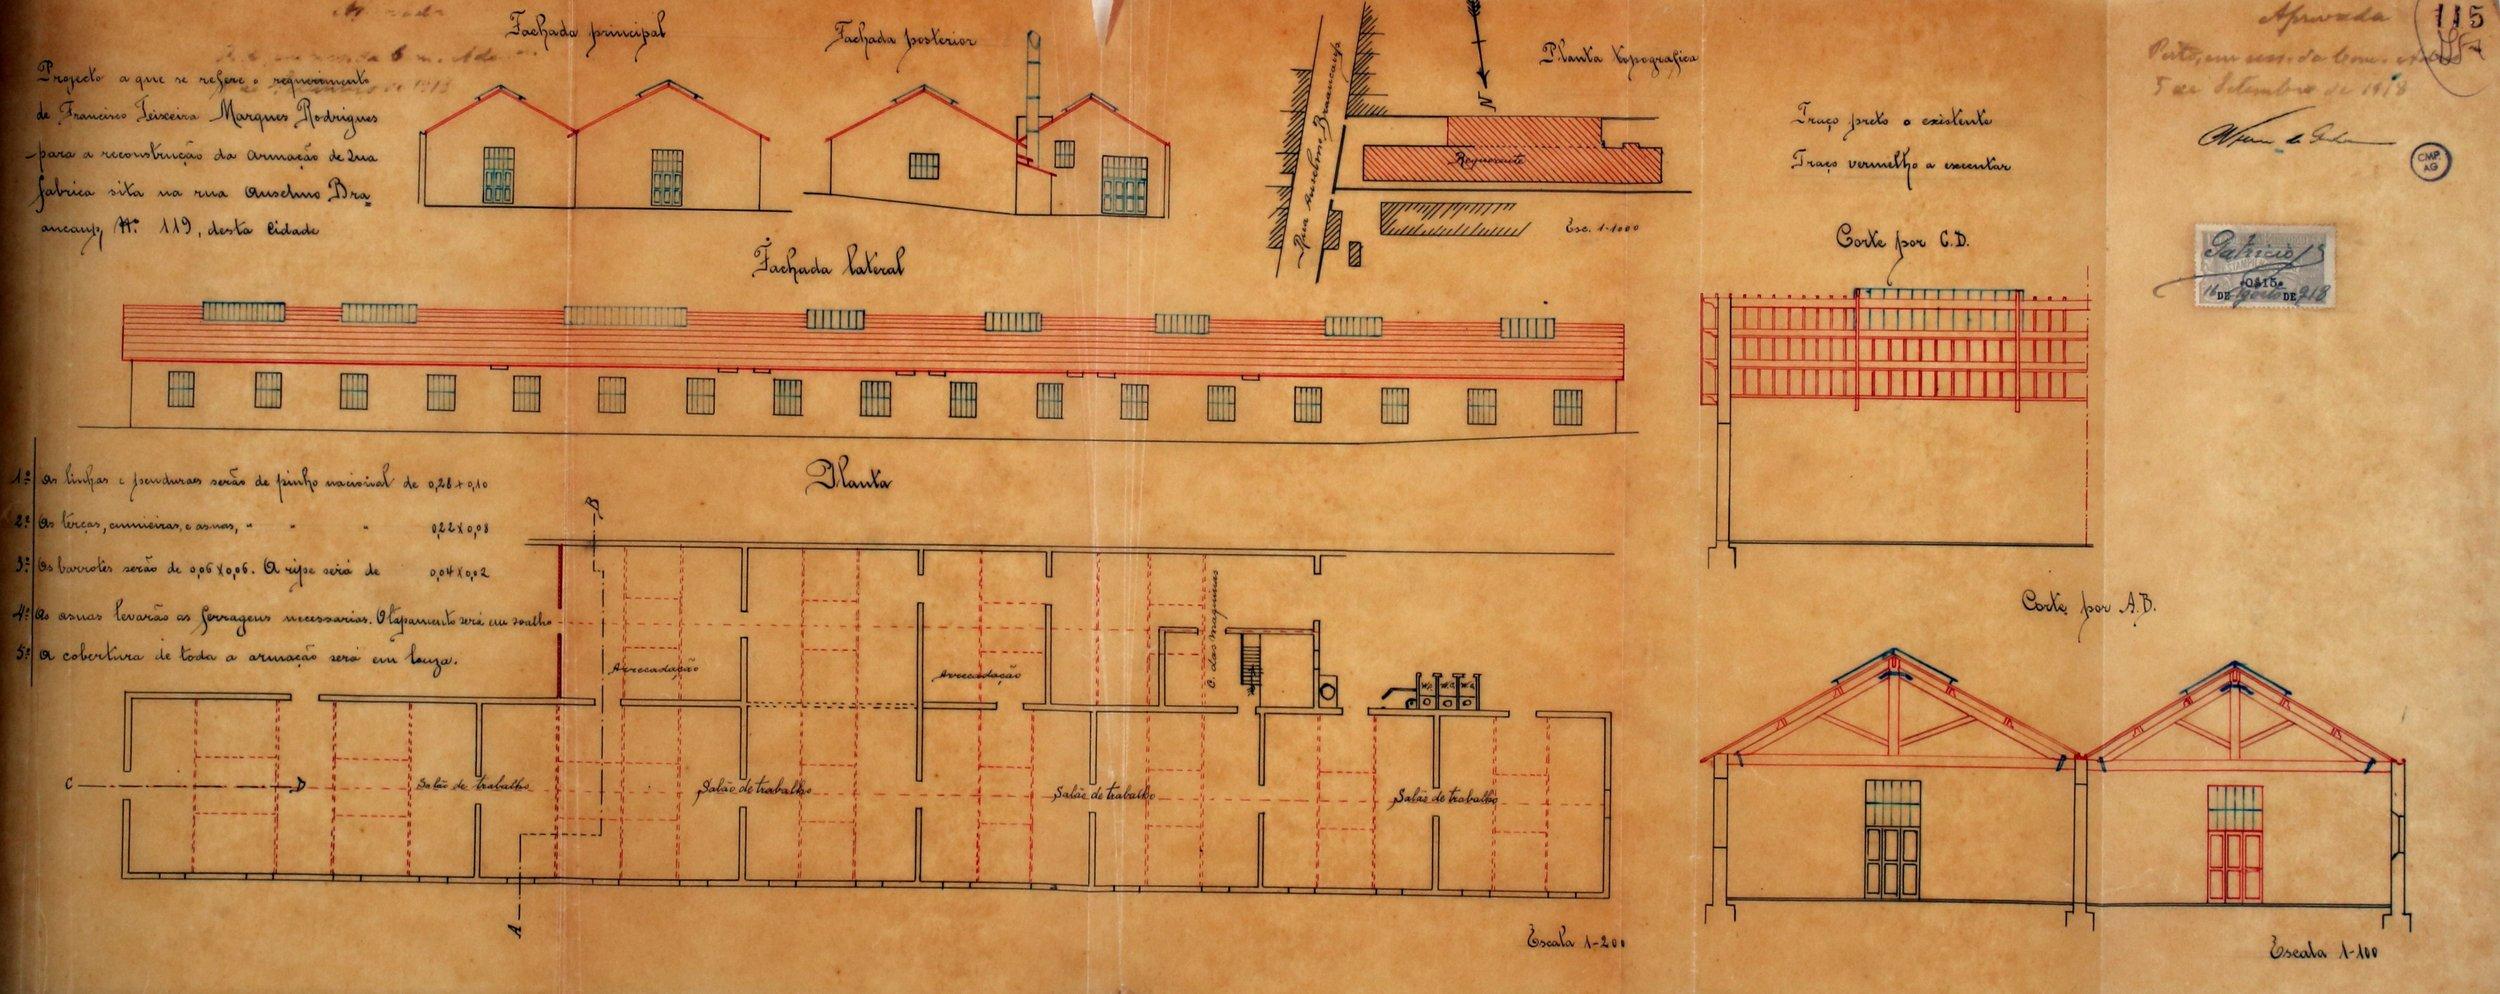 LIC 41-1905 pag 115 (2).jpg